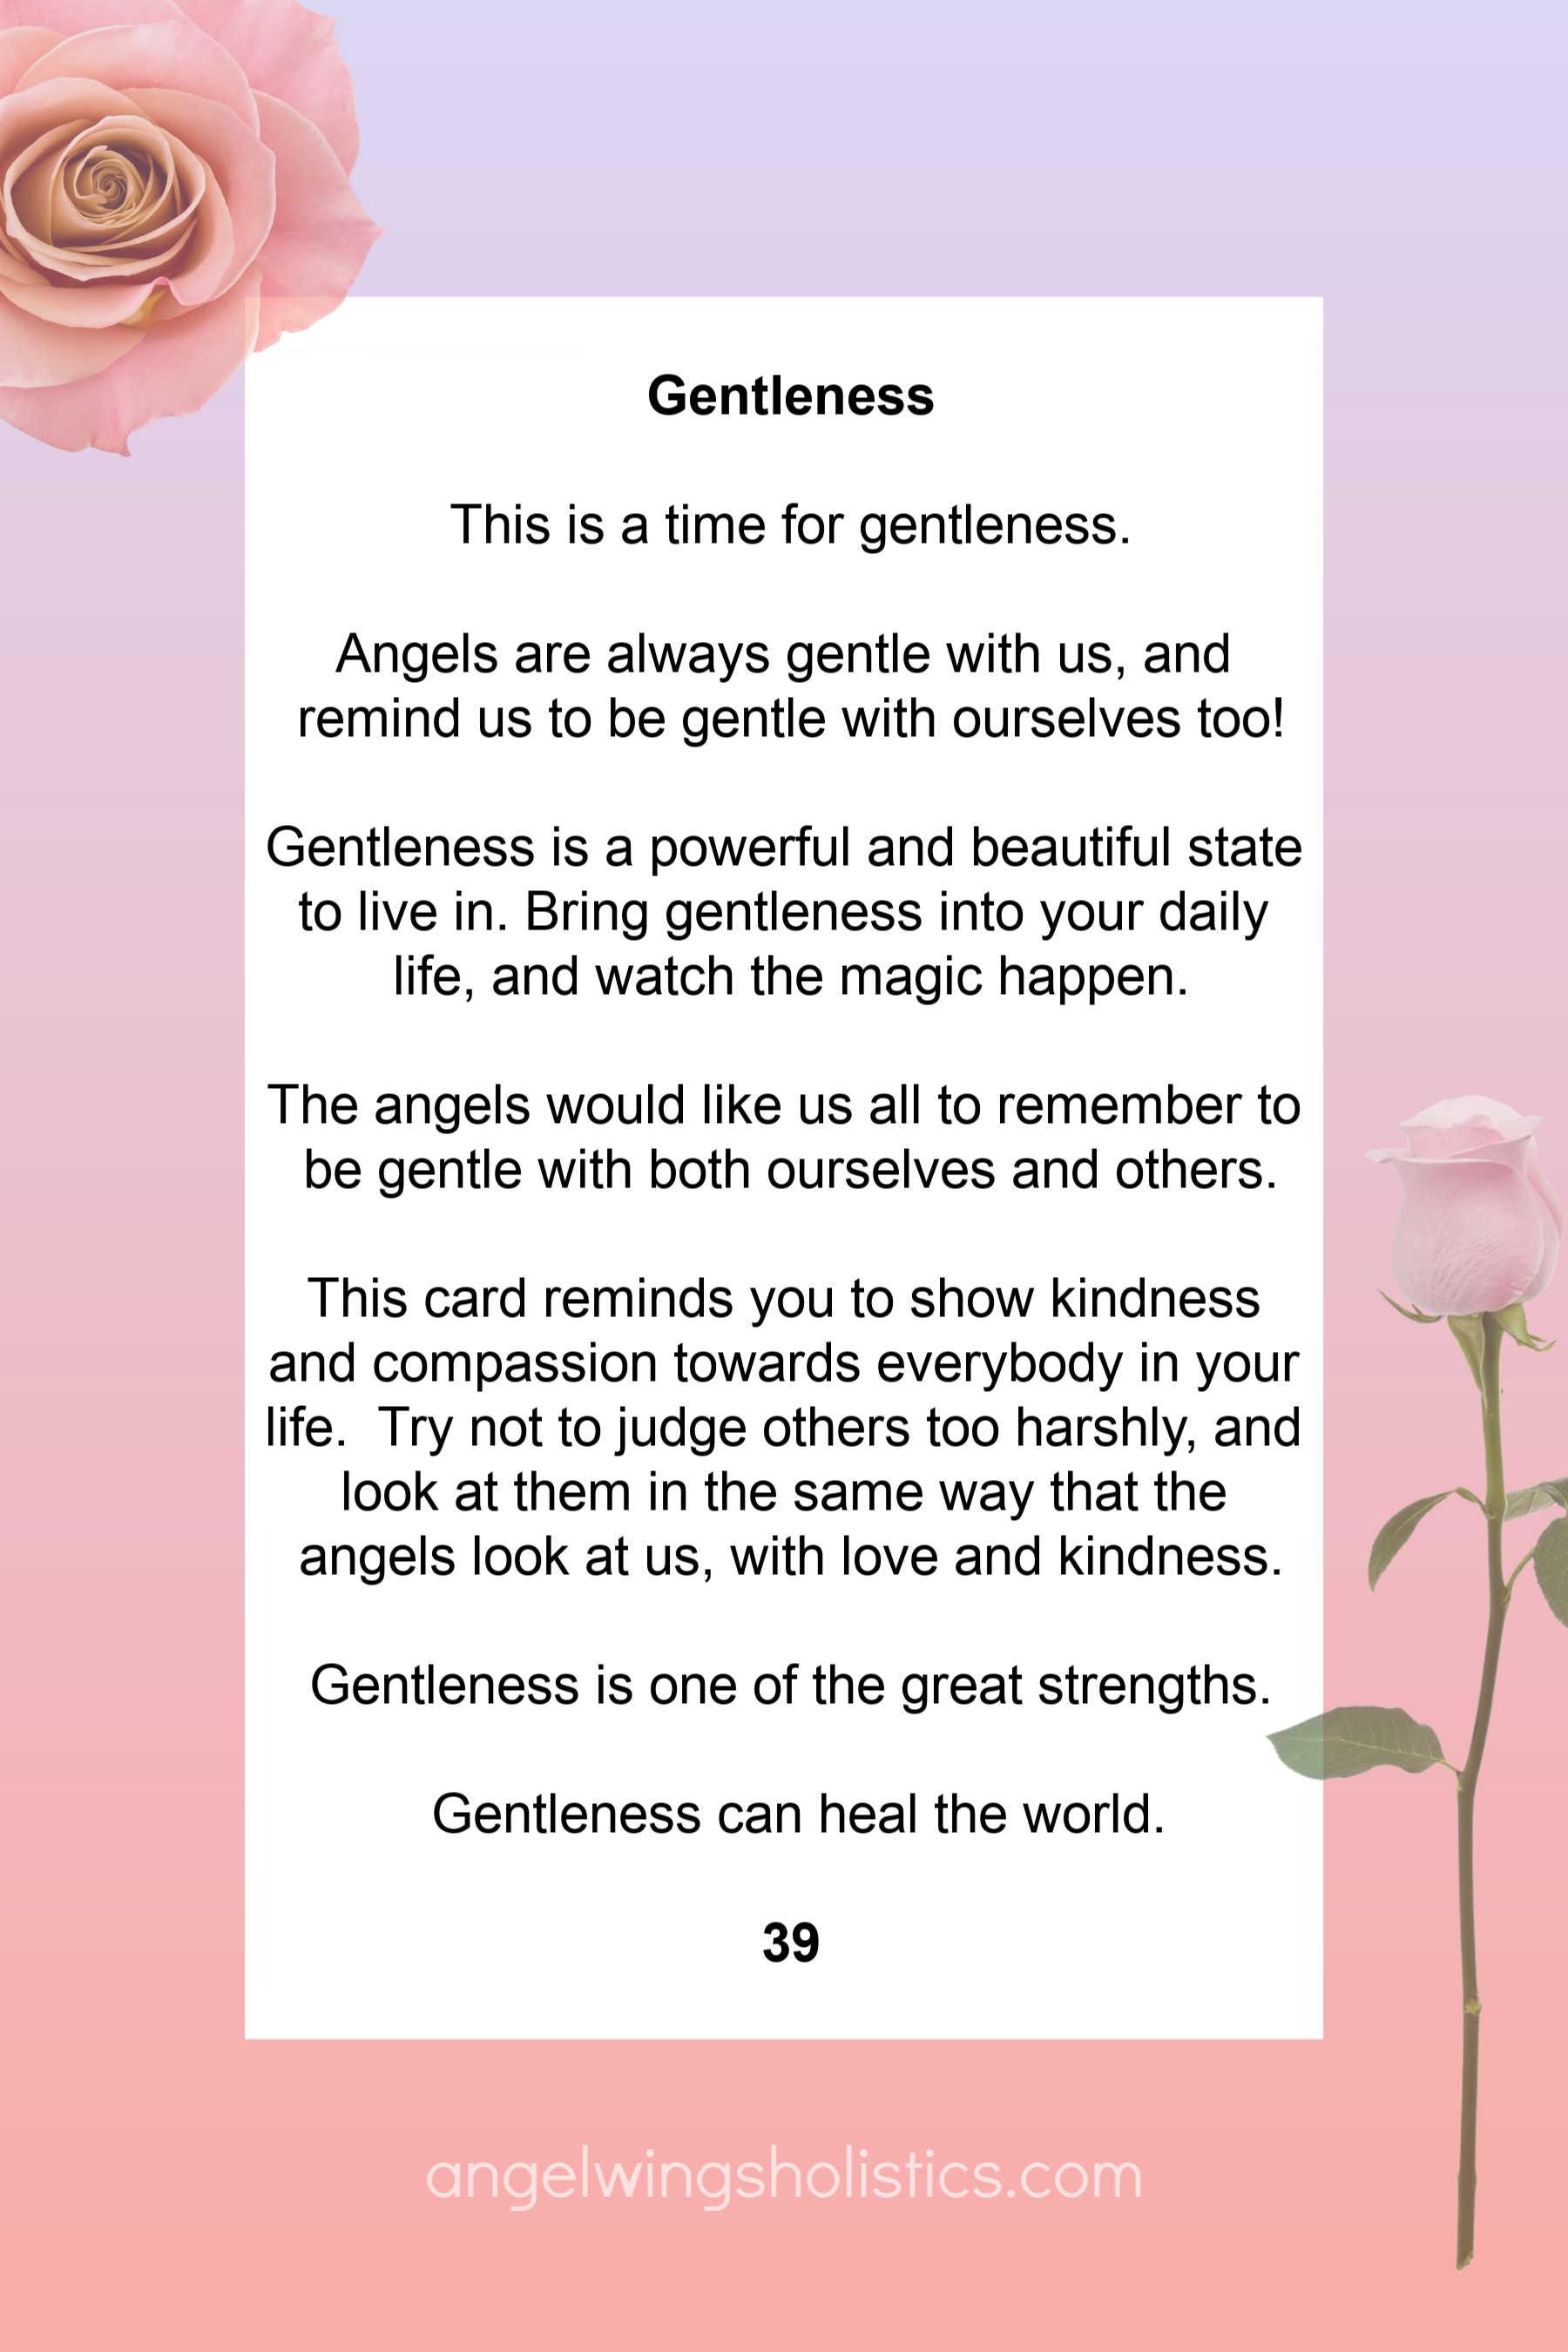 39-gentleness.jpg